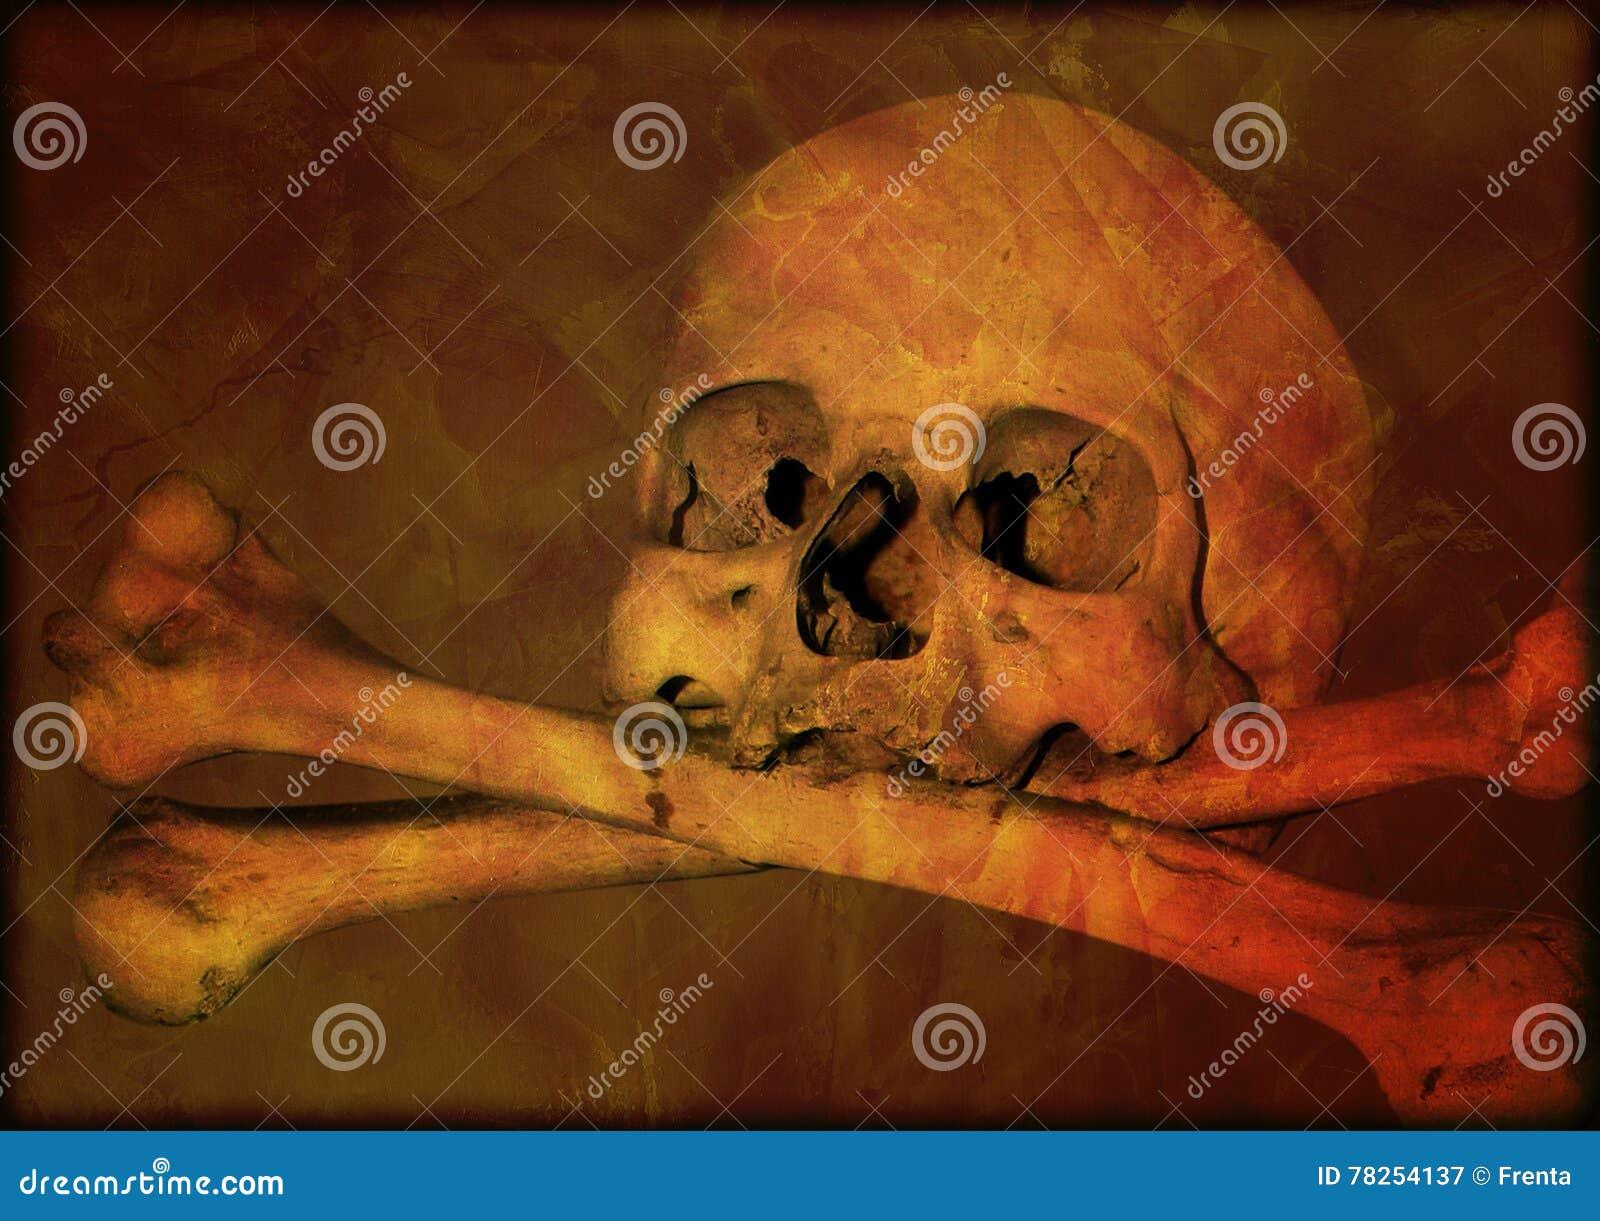 Υπόβαθρο αποκριών Grunge με το ανθρώπινο κρανίο